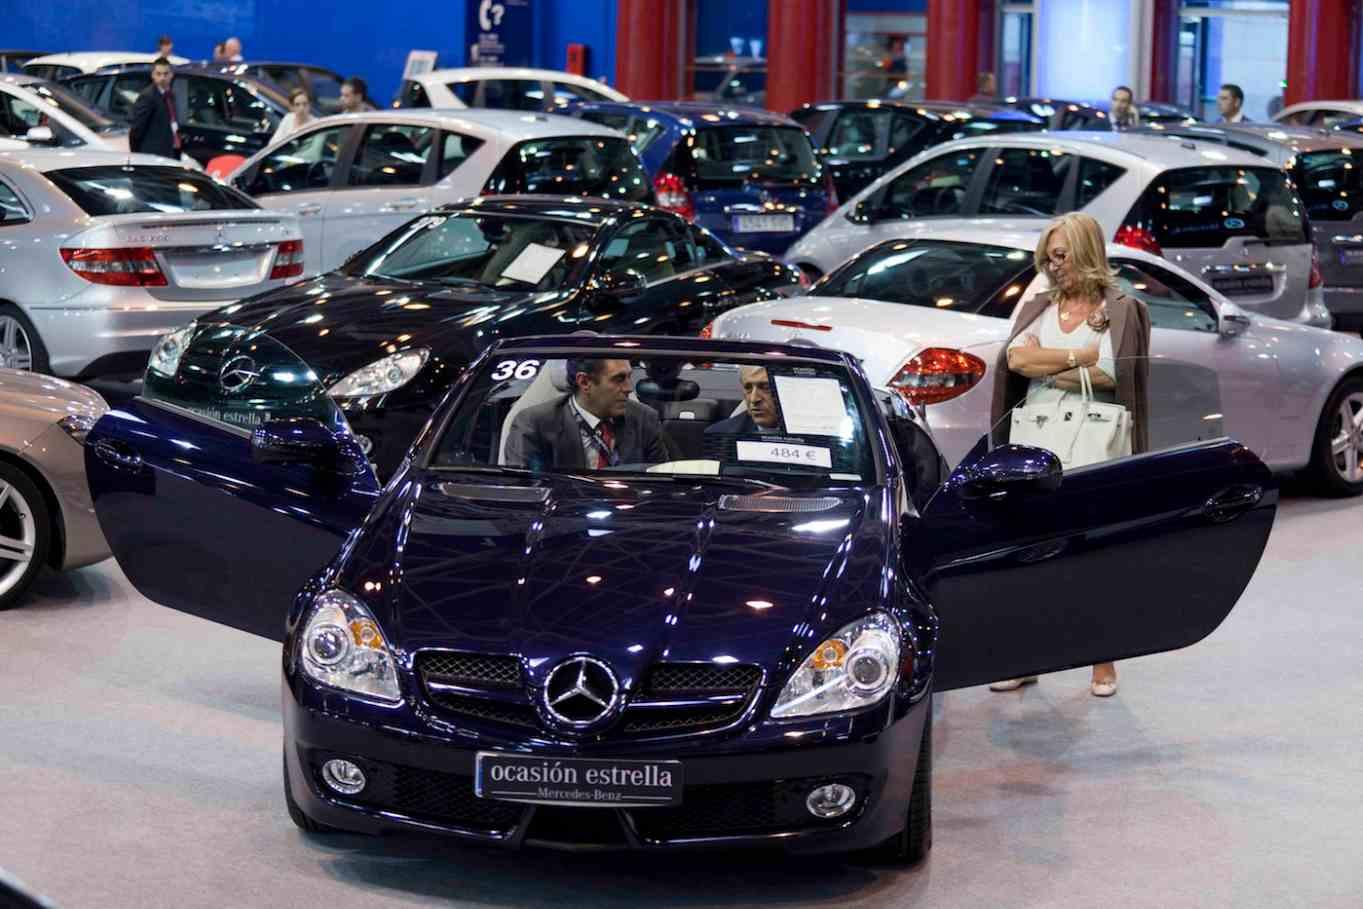 C mo se prev que sean las ventas de coches en 2015 - Segunda mano plazas de garaje ...